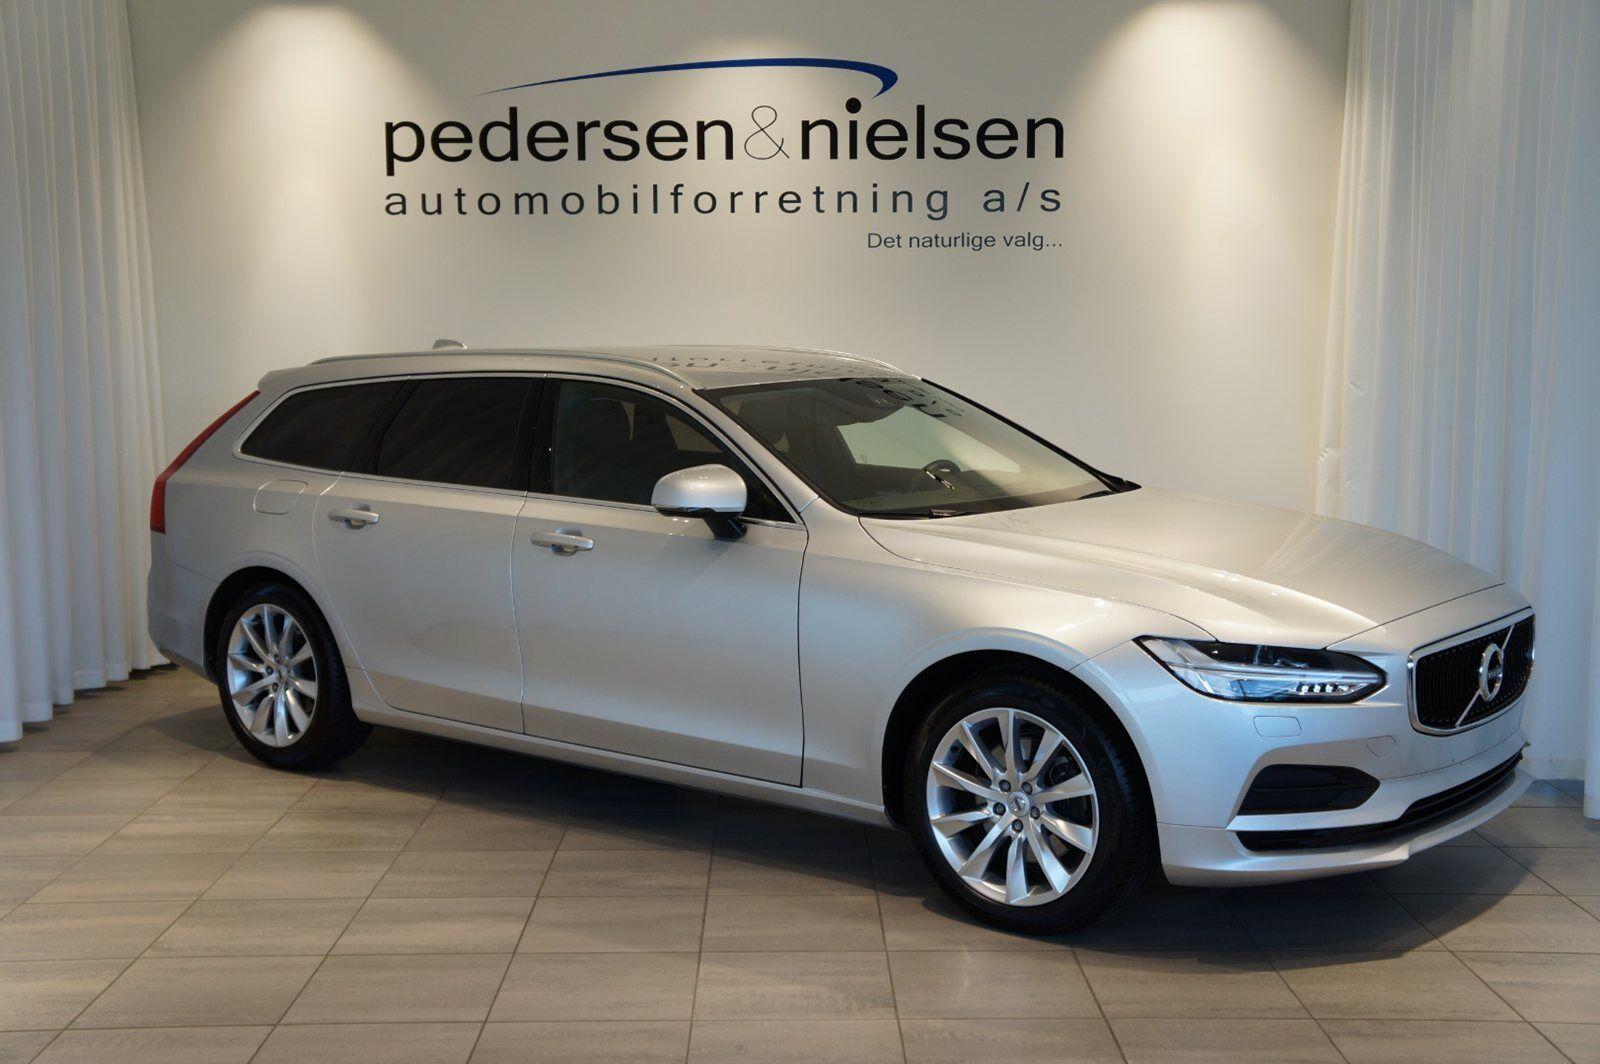 Volvo V90 2,0 D4 190 Momentum aut. 5d - 449.900 kr.